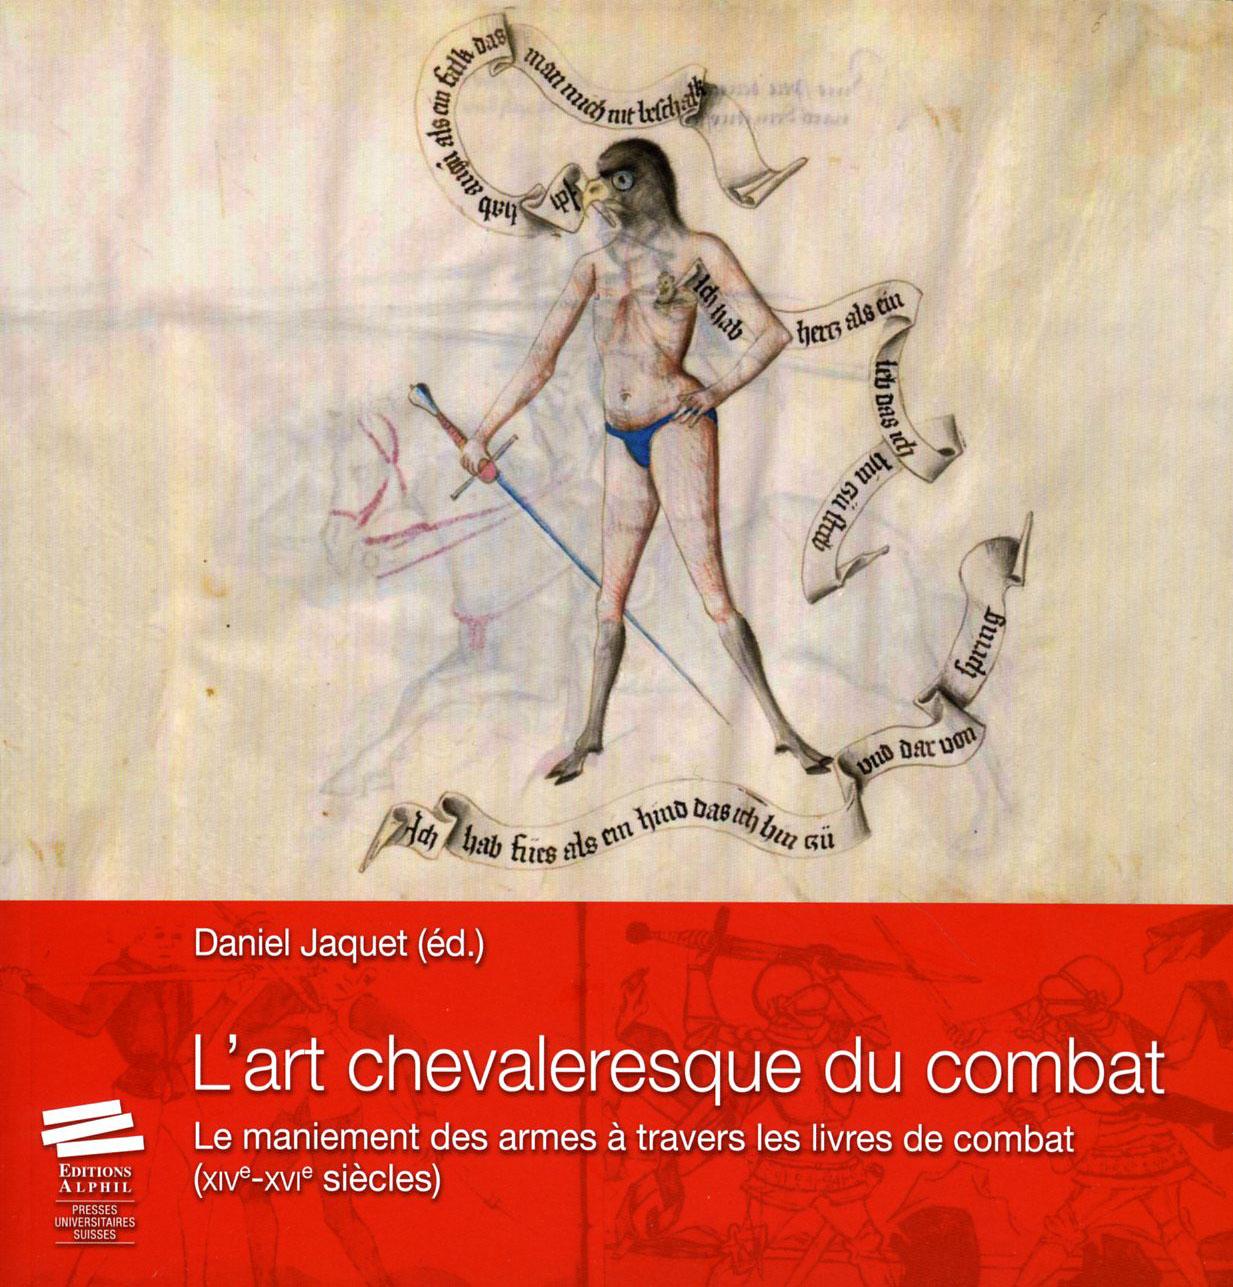 Art-chevaleresque057.jpg